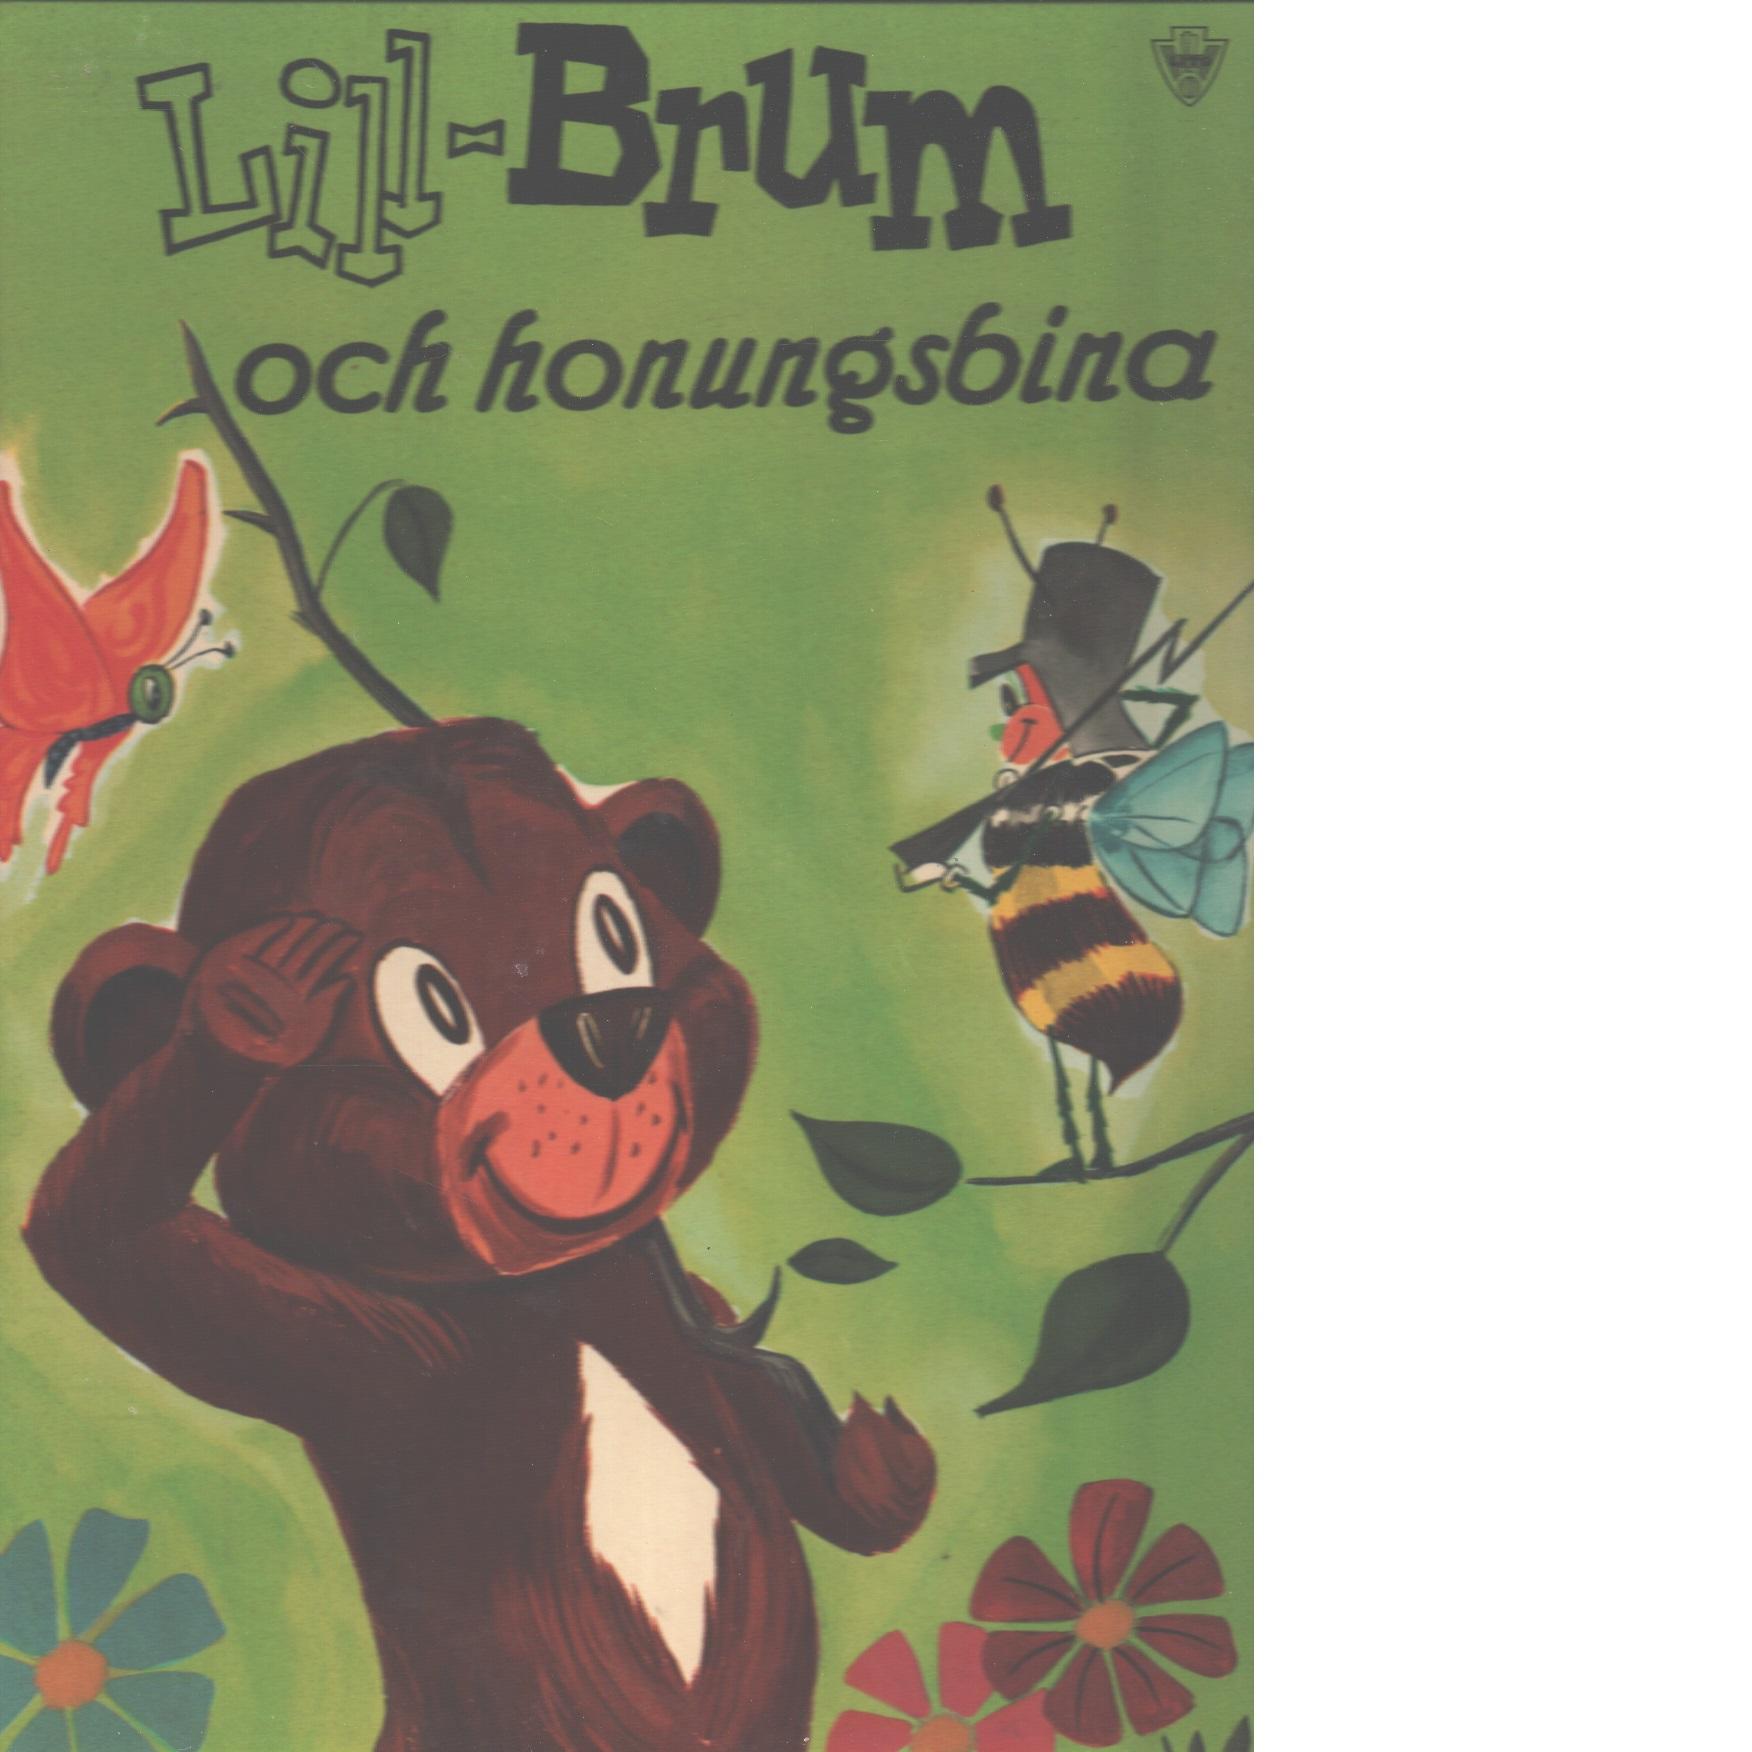 Lill-Brum och honungsbina - Red.